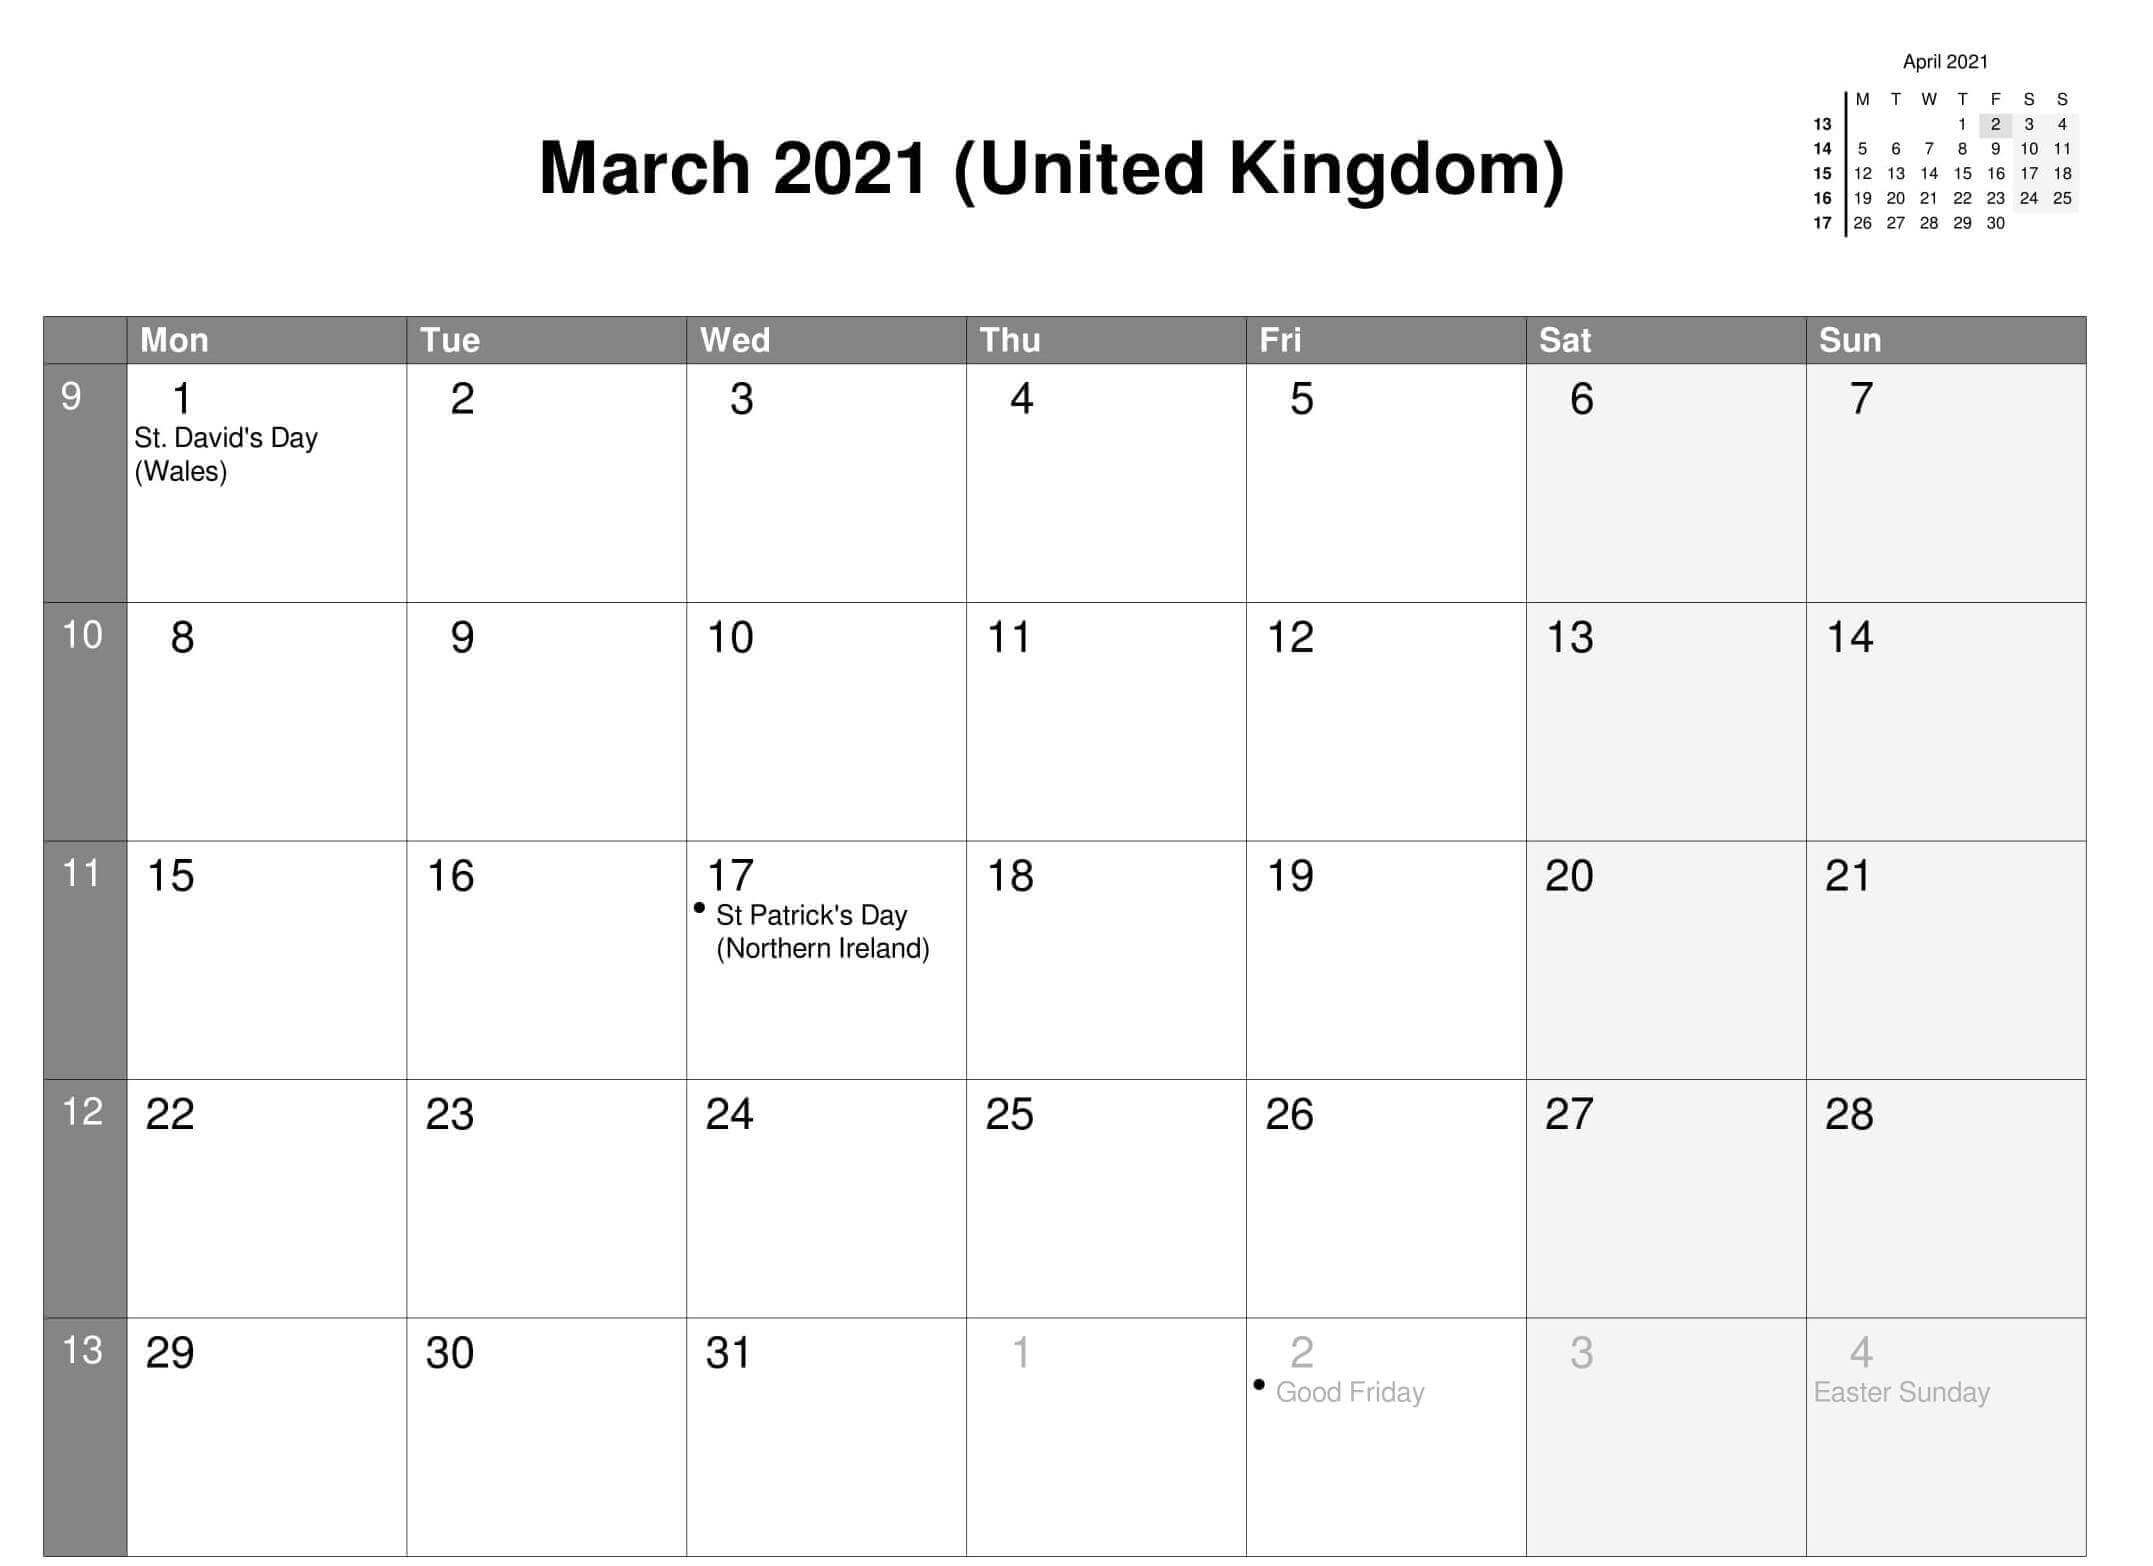 March 2021 Calendar with United Kingdom Holidays